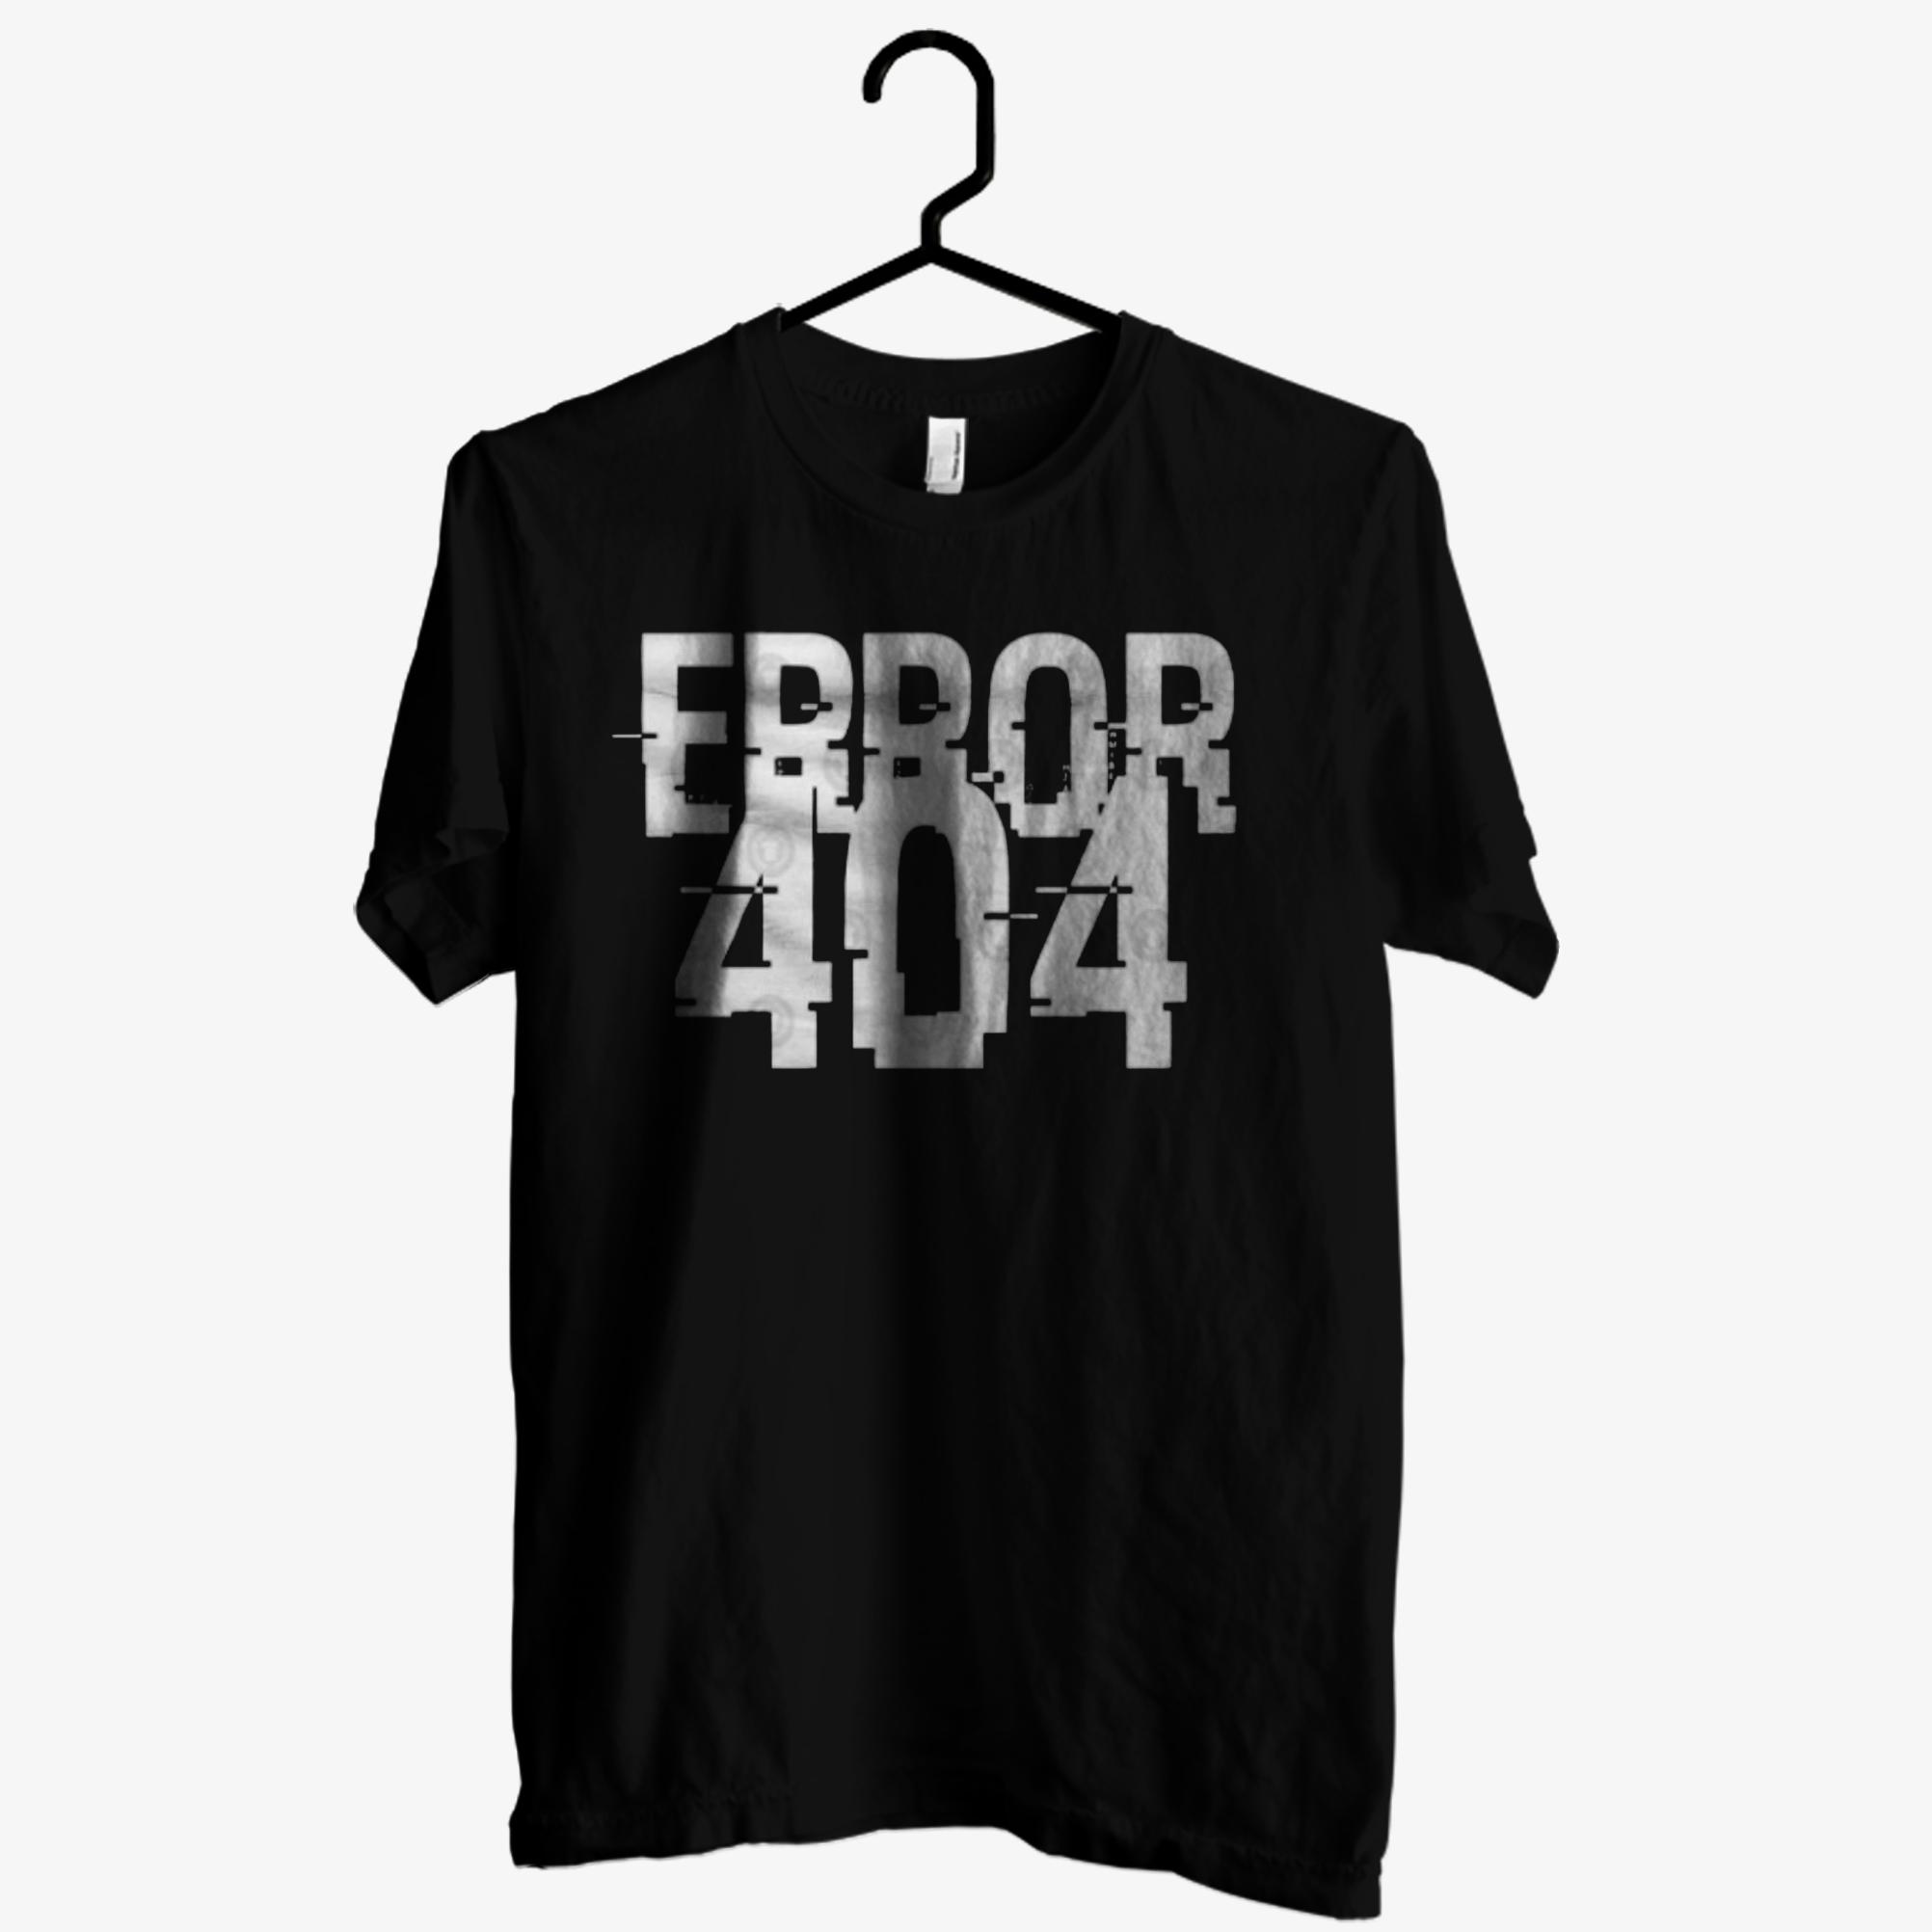 Error 404 T shirt